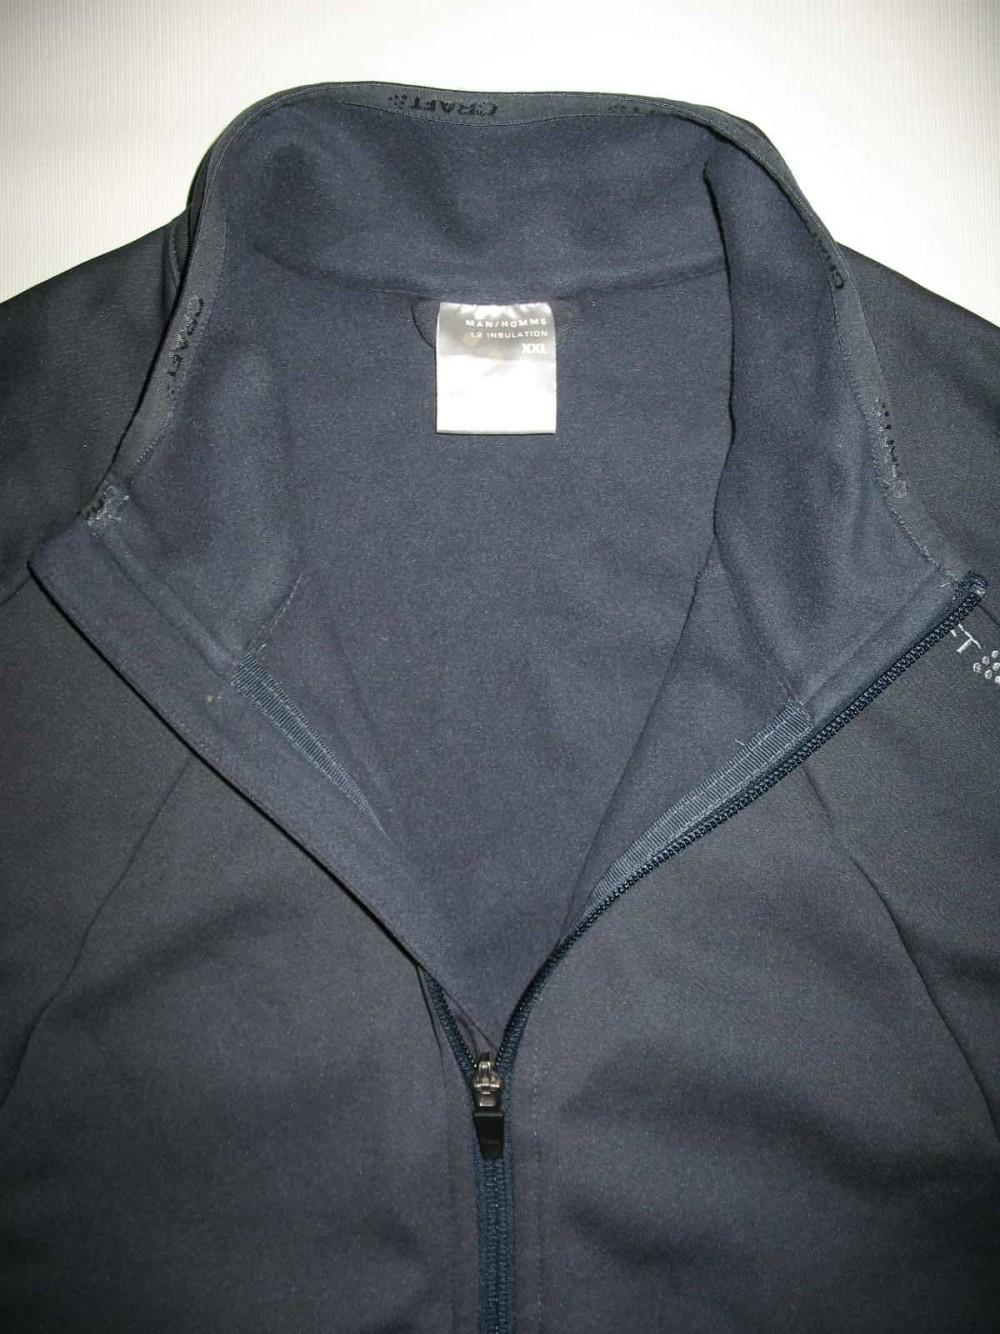 Жилет CRAFT fleece vest (размер XXL) - 4